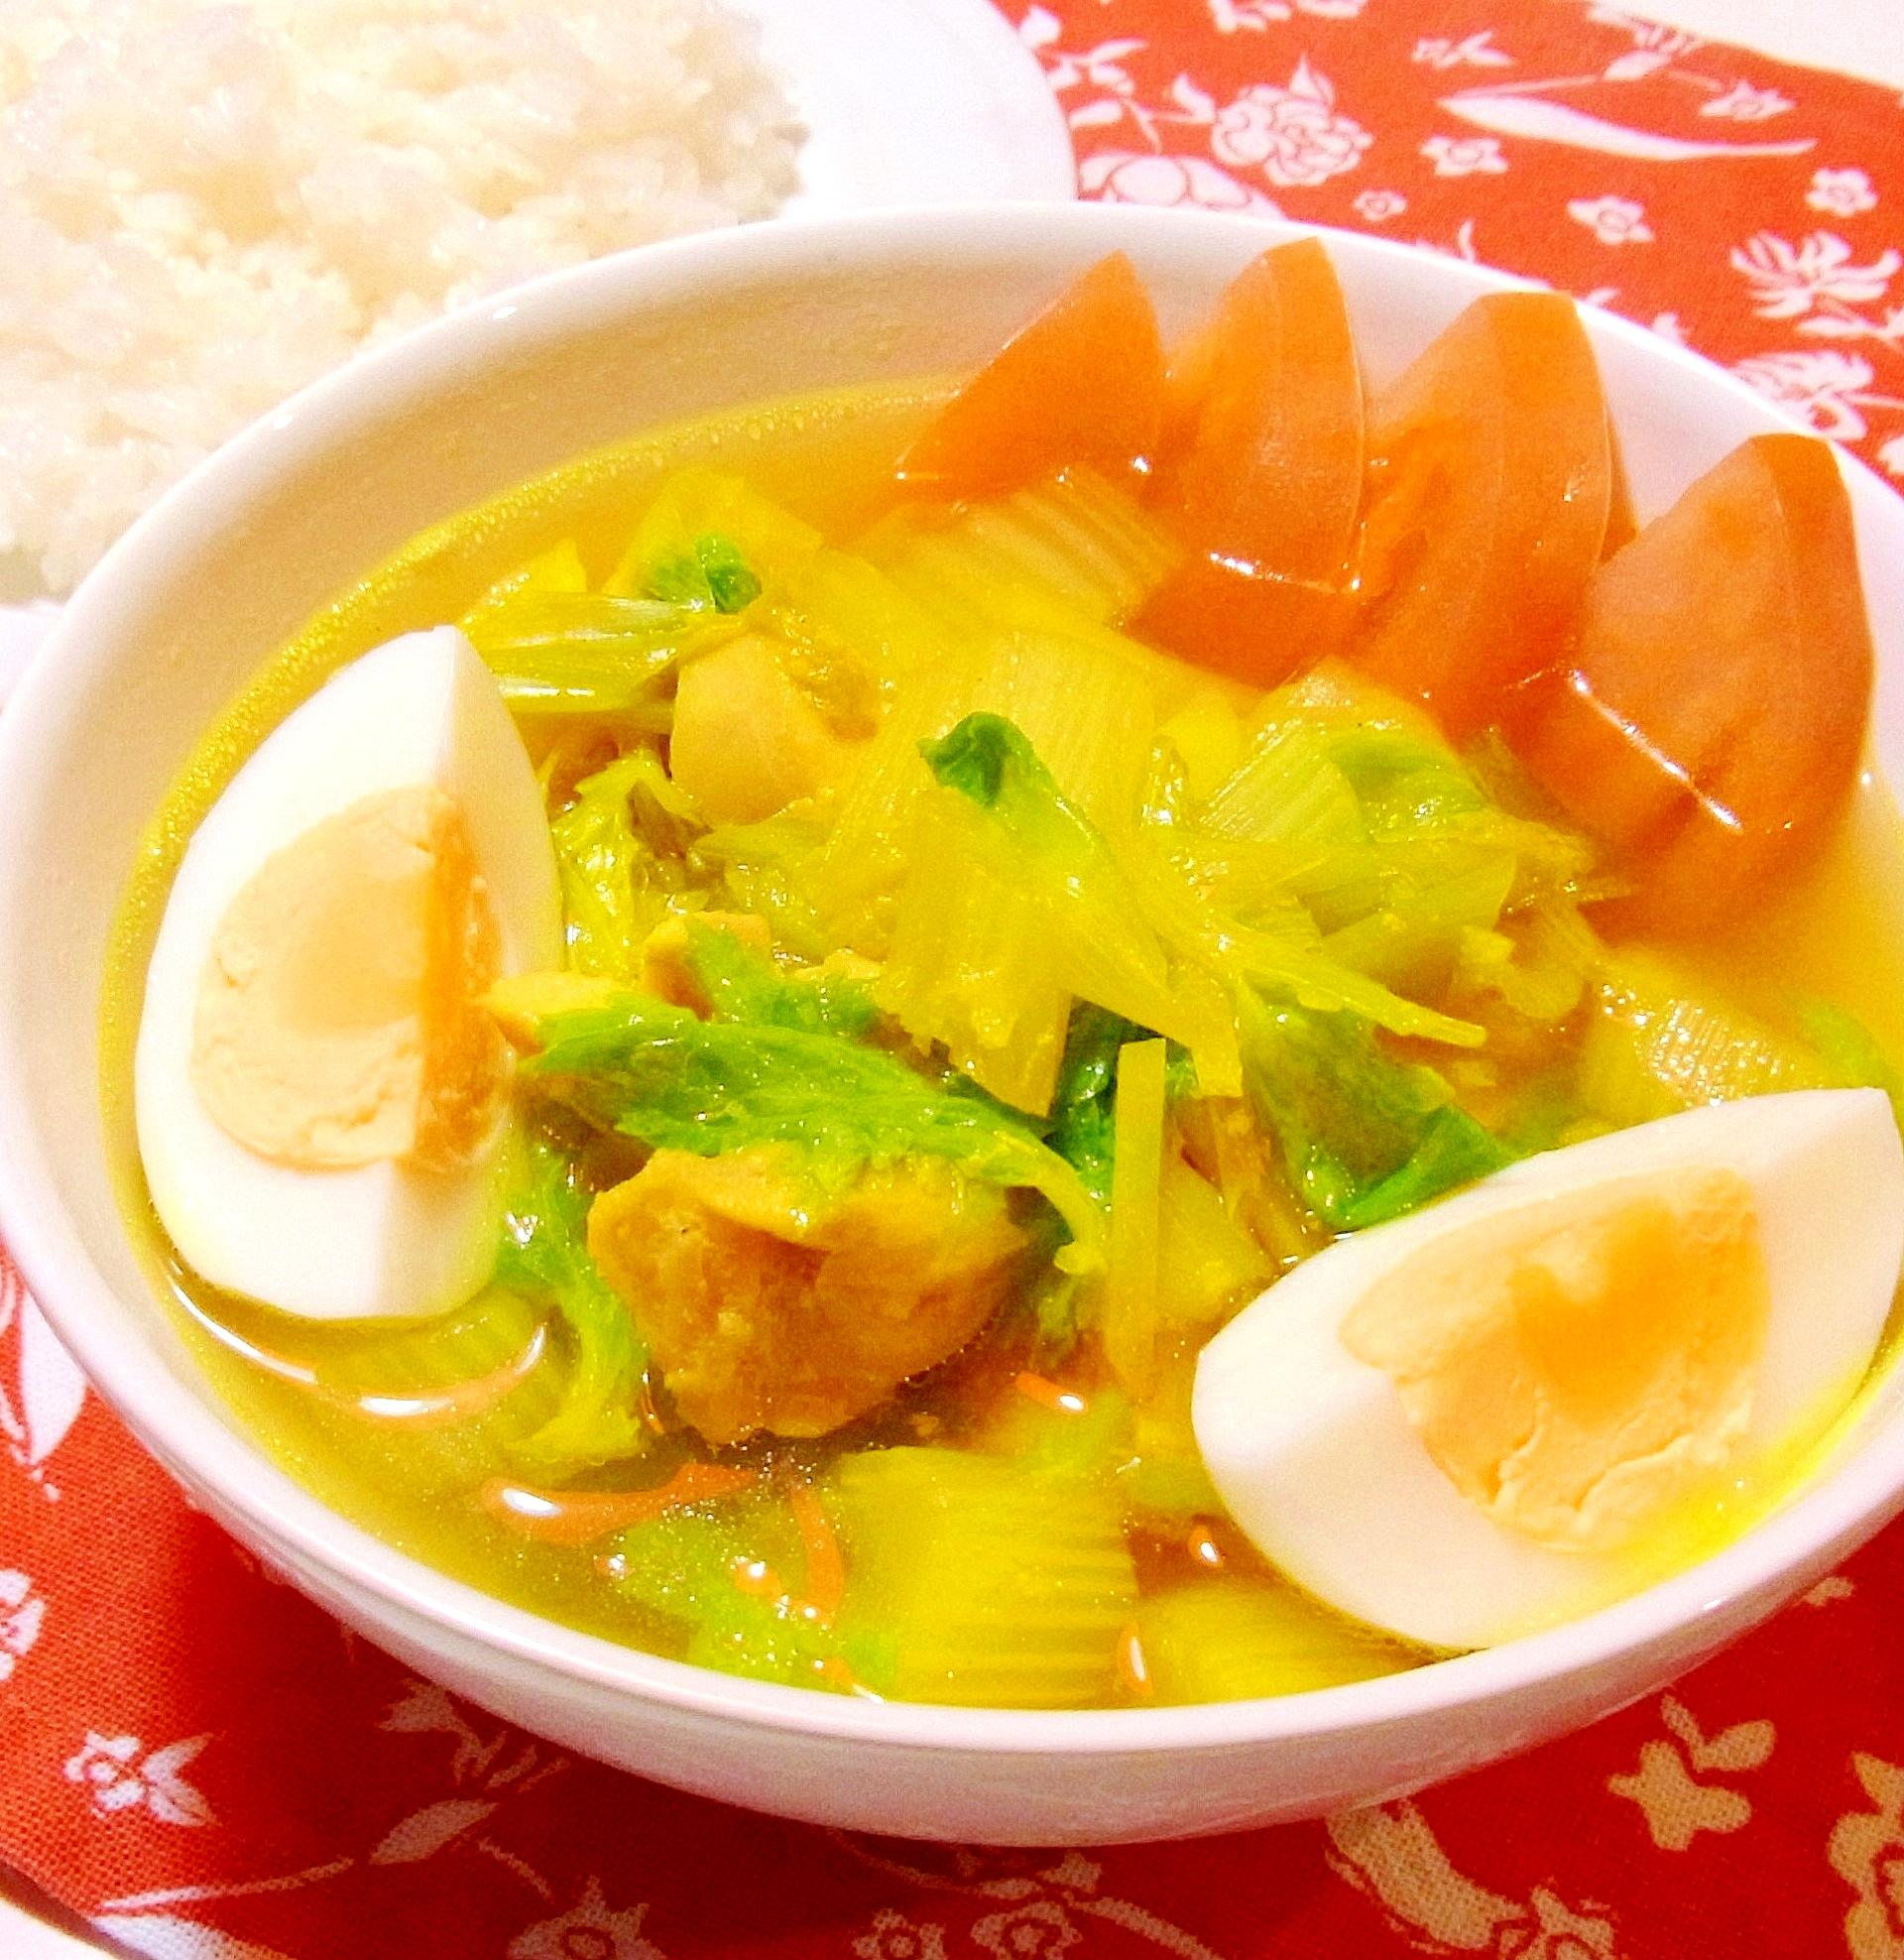 ソトアヤム(鶏肉と野菜の具沢山スープ)